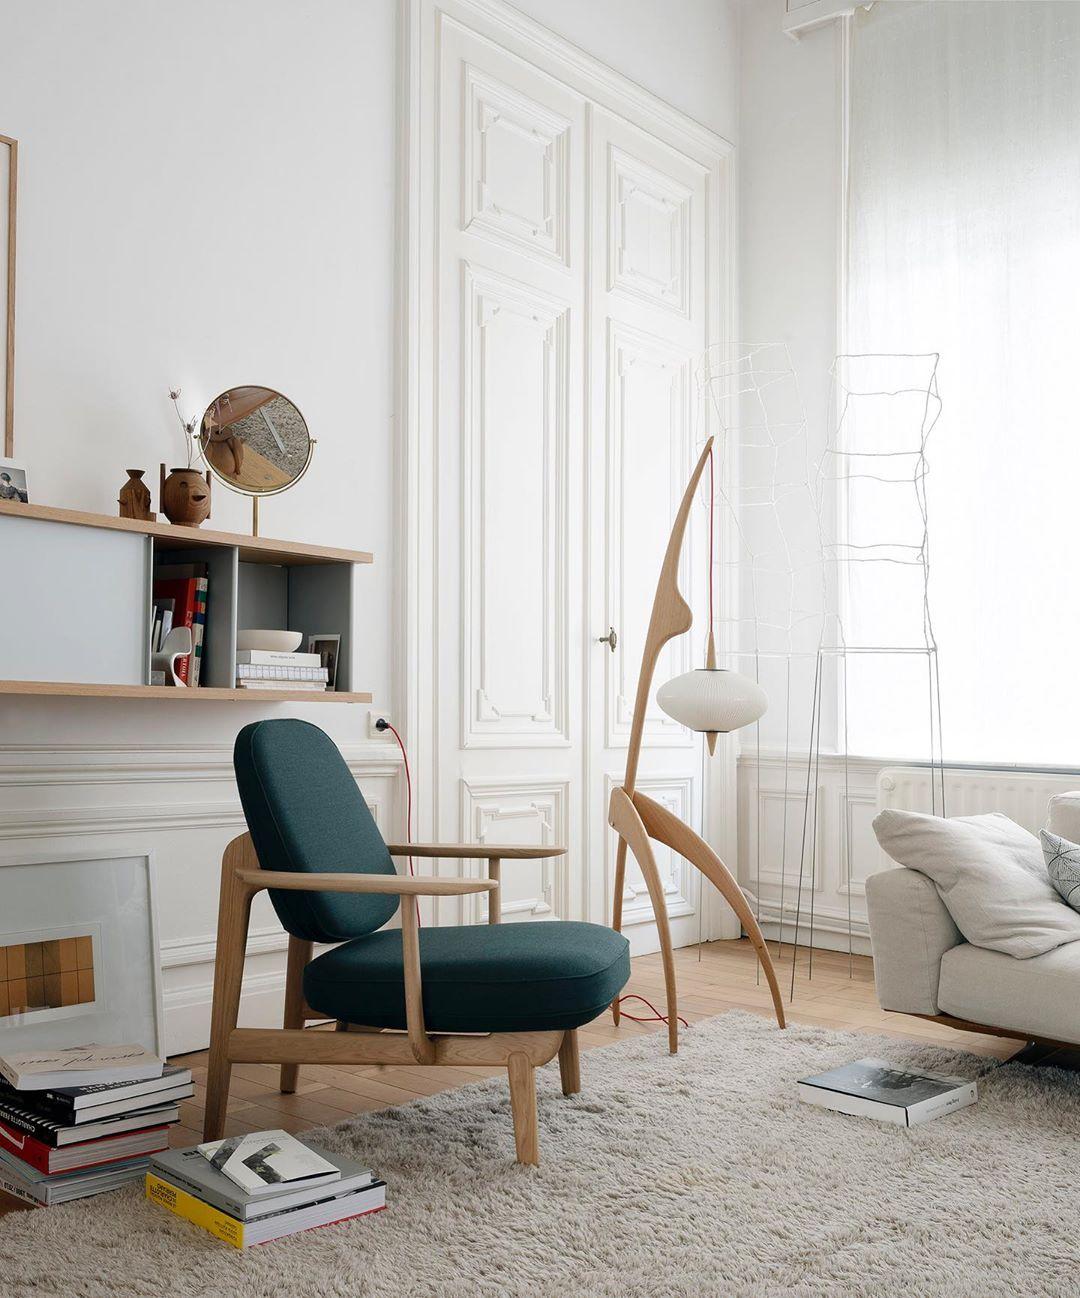 décoration salon retro chaise fred chair jaime hayon fritz hansen mante religieuse lampadaire rispal cassina